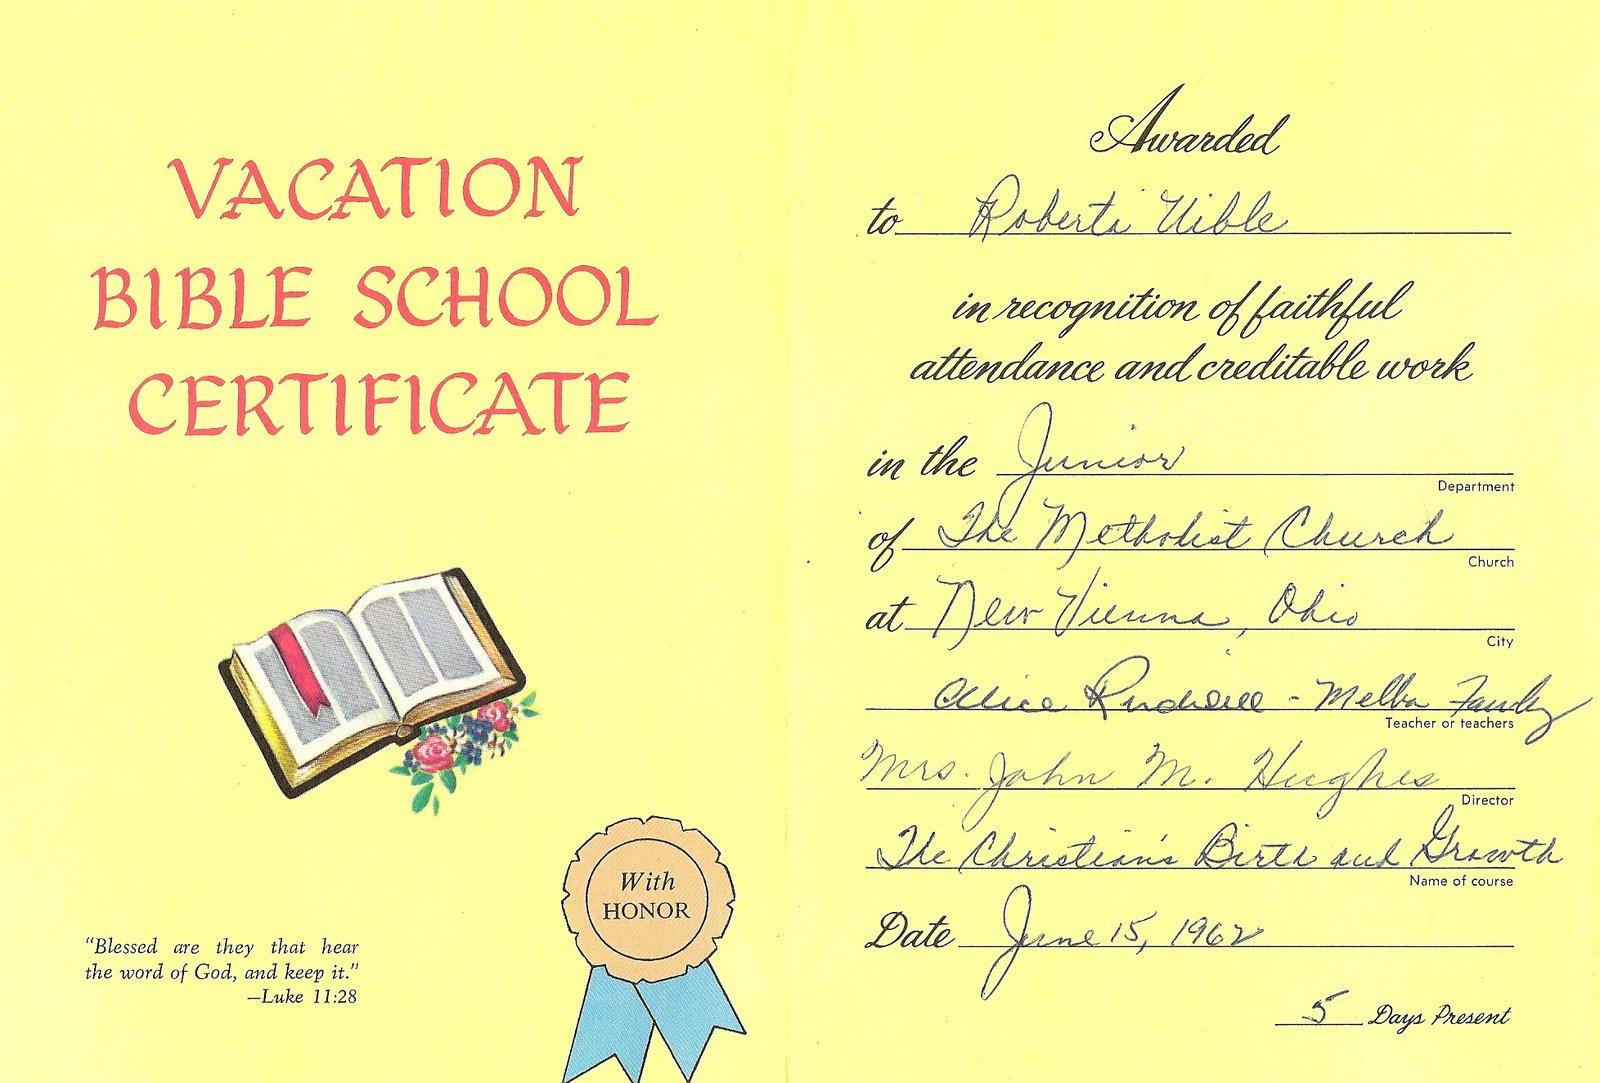 Roberta's Bible School Certificate - June 1962